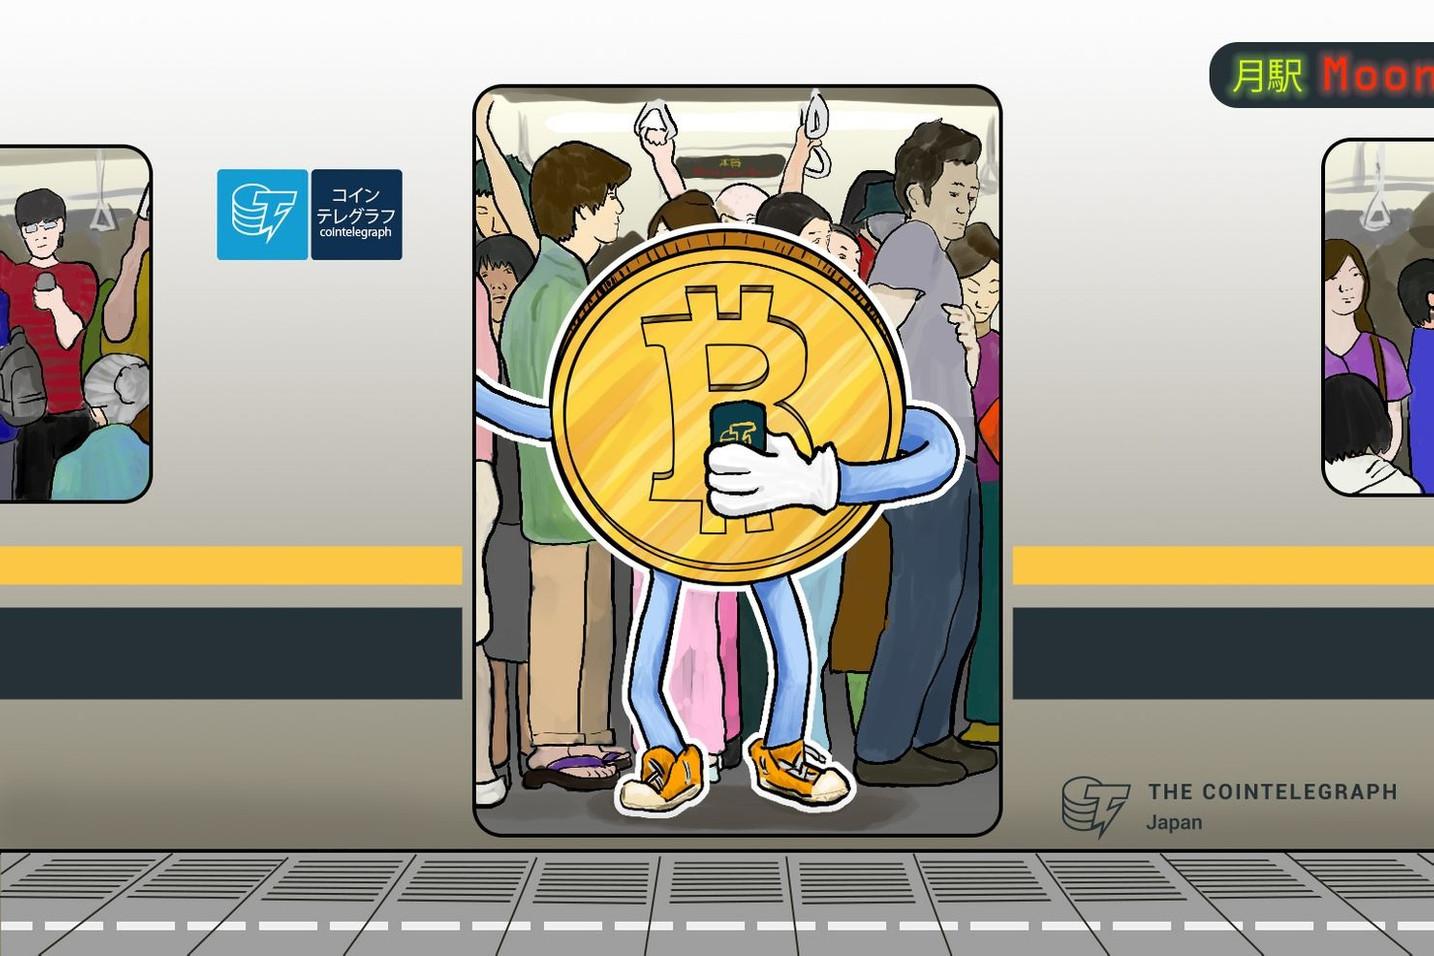 金融庁、仮想通貨を使った買い物マッチングサイトを運営するAvacusの行政処分を発表